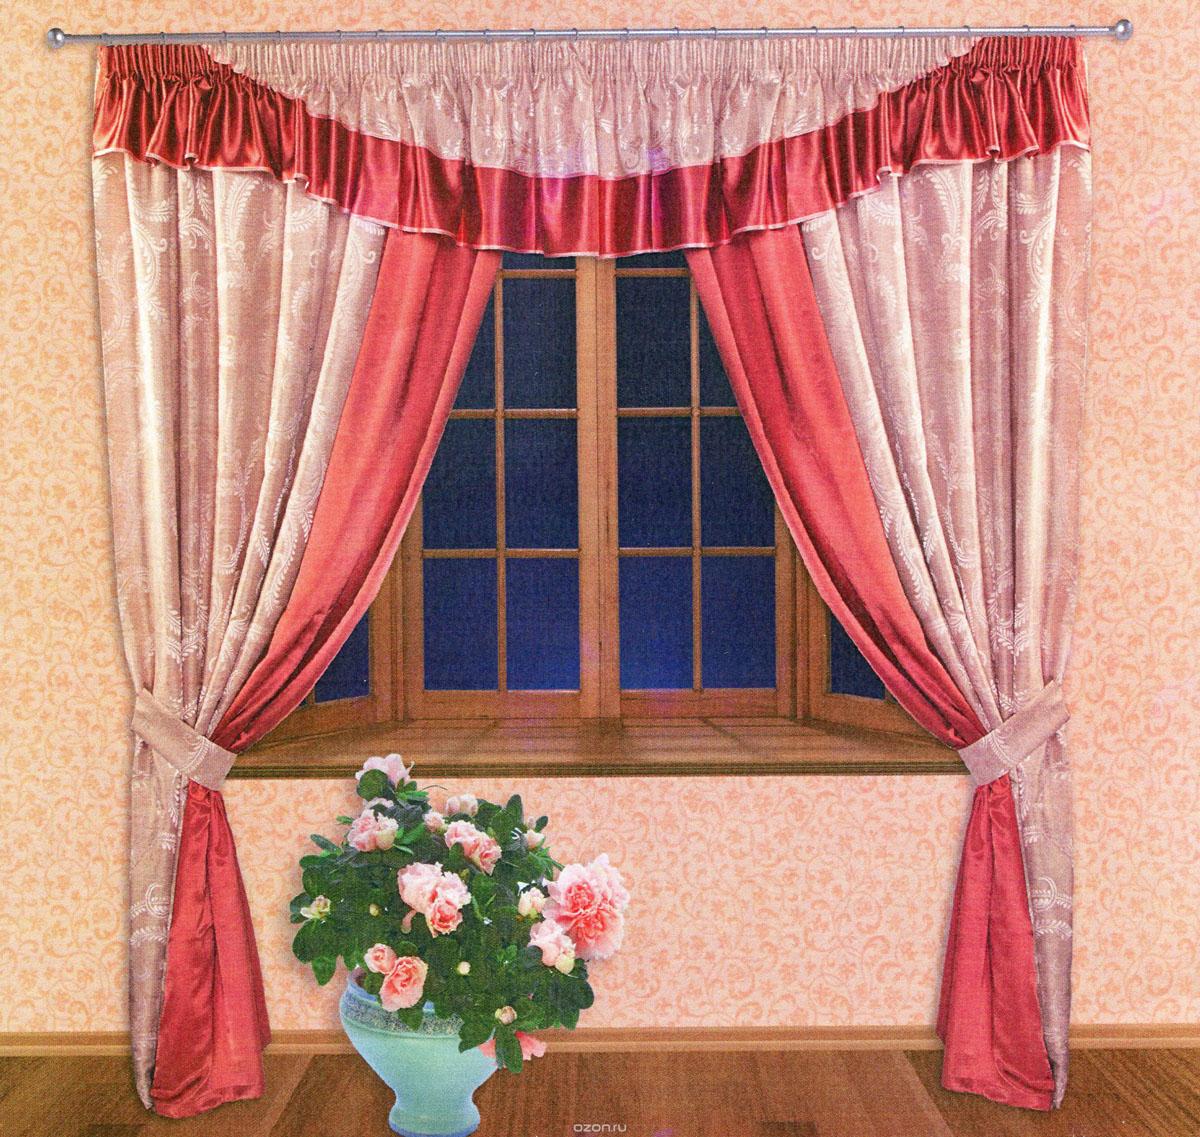 Комплект штор Zlata Korunka, на ленте, цвет: красный, бледно-розовый, высота 250 см. 5551055510Роскошный комплект штор Zlata Korunka, выполненный из ткани шанзализе и сатина (100% полиэстера), великолепно украсит любое окно. Комплект состоит из двух портьер, ламбрекена и двух подхватов. Плотная ткань, оригинальный орнамент и приятная, приглушенная гамма привлекут к себе внимание и органично впишутся в интерьер помещения. Комплект крепится на карниз при помощи шторной ленты, которая поможет красиво и равномерно задрапировать верх. Портьеры можно зафиксировать в одном положении с помощью двух подхватов. Этот комплект будет долгое время радовать вас и вашу семью! В комплект входит: Портьера: 2 шт. Размер (ШхВ): 210 см х 250 см. Ламбрекен: 1 шт. Размер (ШхВ): 450 см х 50 см. Подхват: 2 шт. Размер (ШхВ): 60 см х 10 см.